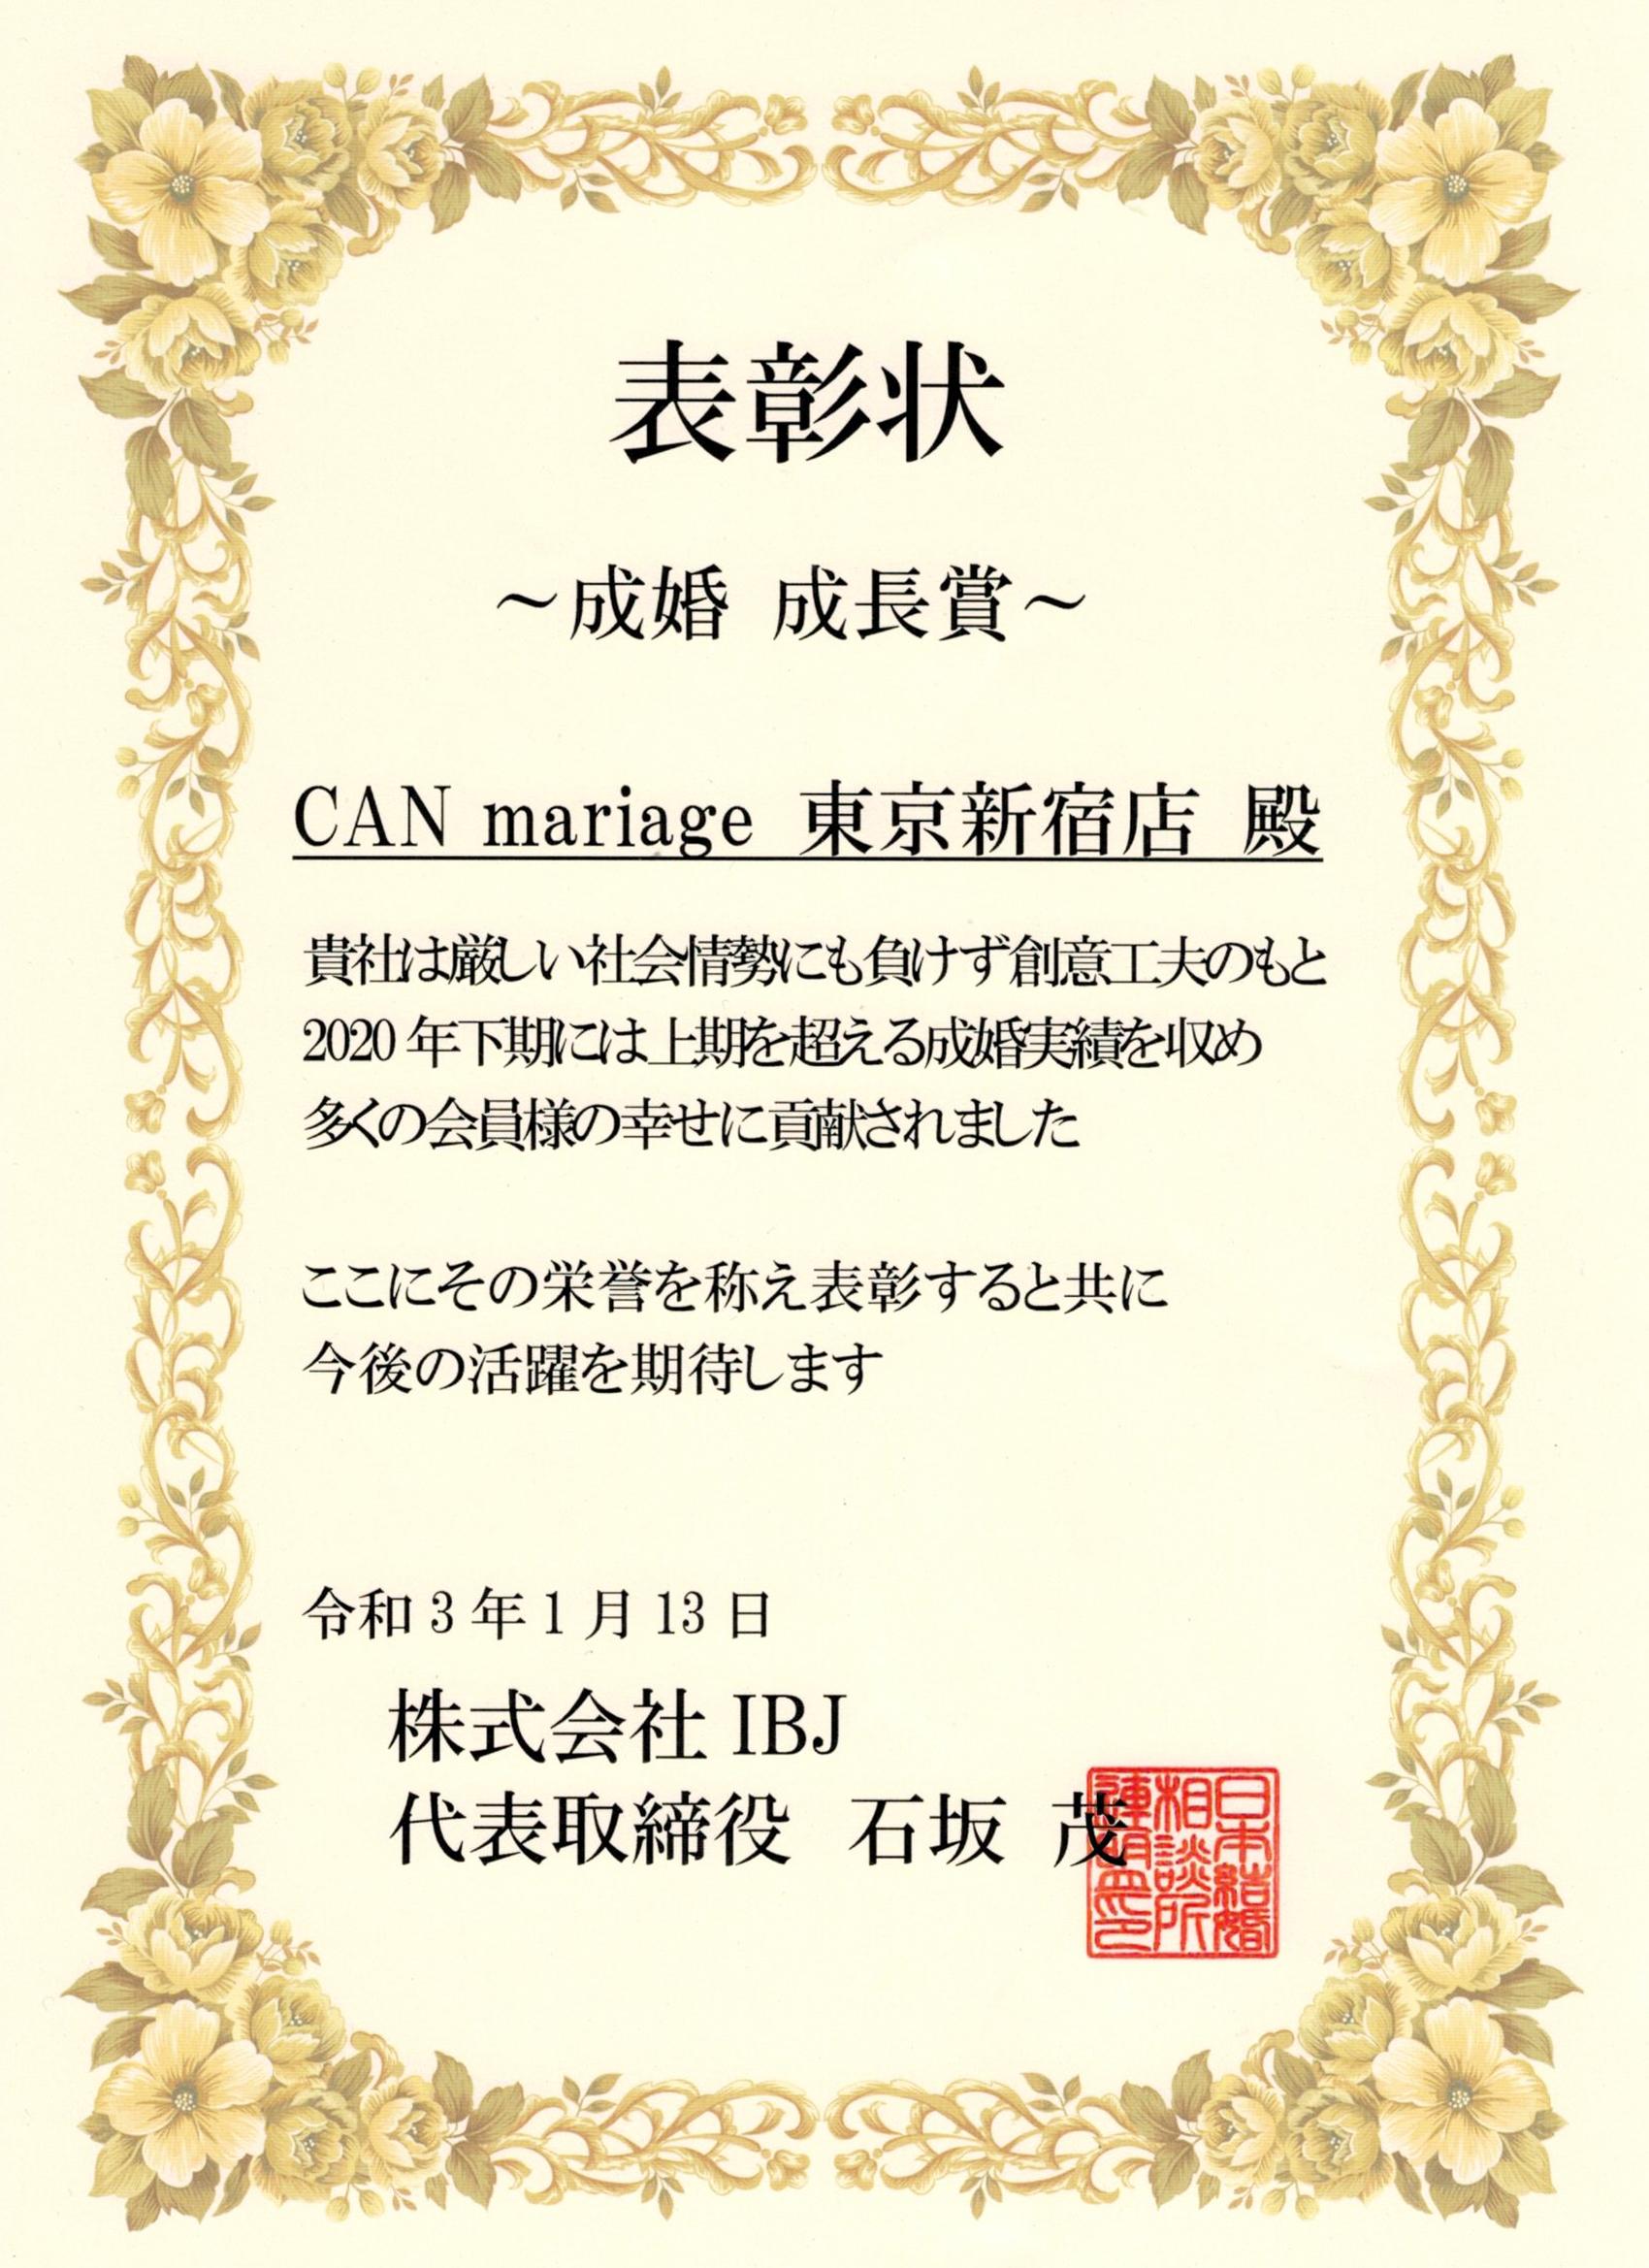 東京新宿店 IBJ 2020年下半期 成婚成長賞を受賞いたしました。